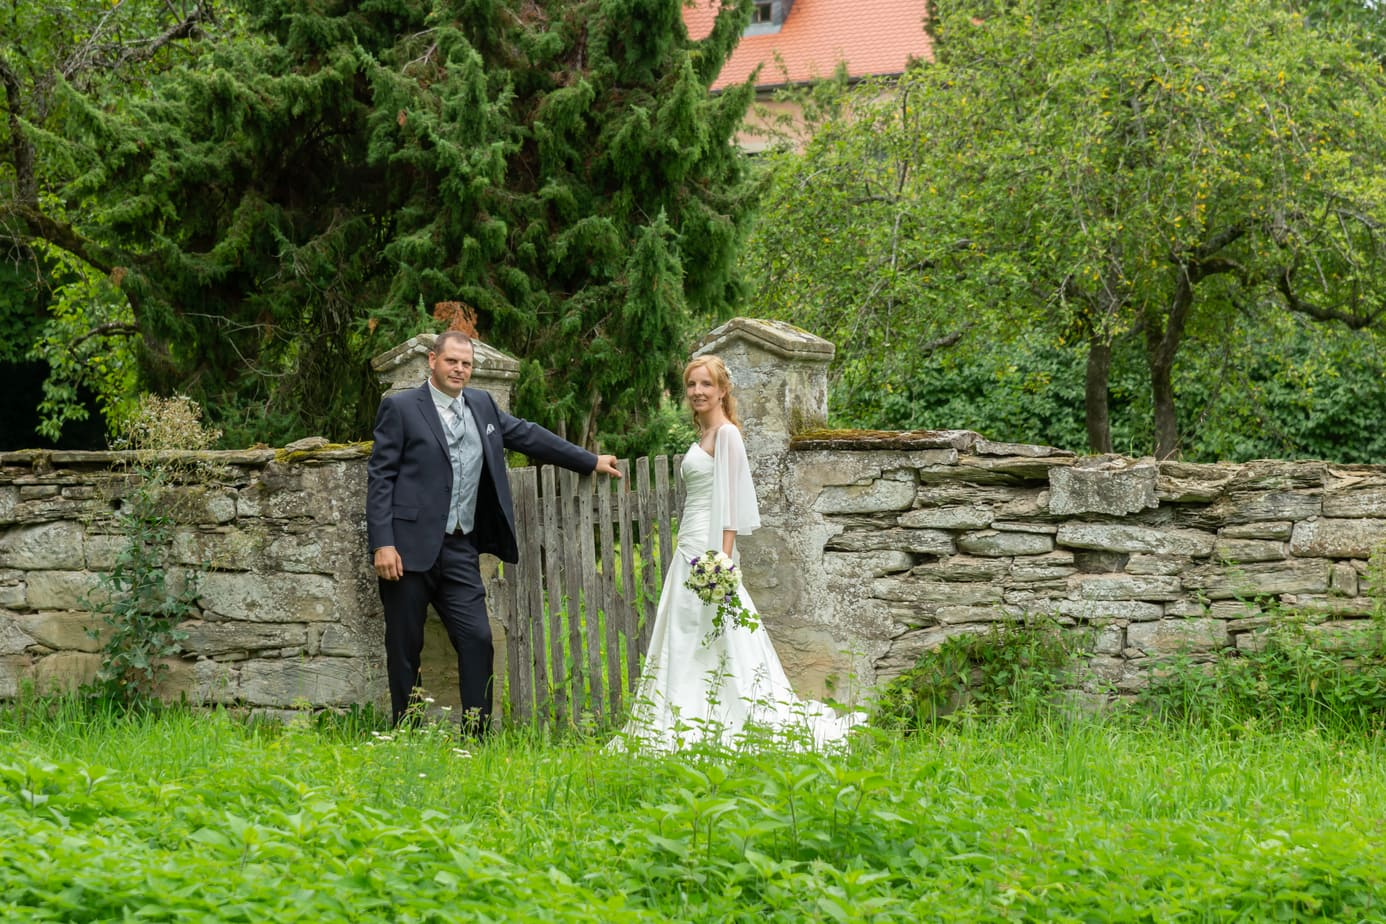 Hochzeitsfotos vor der Trauungszeremonie?